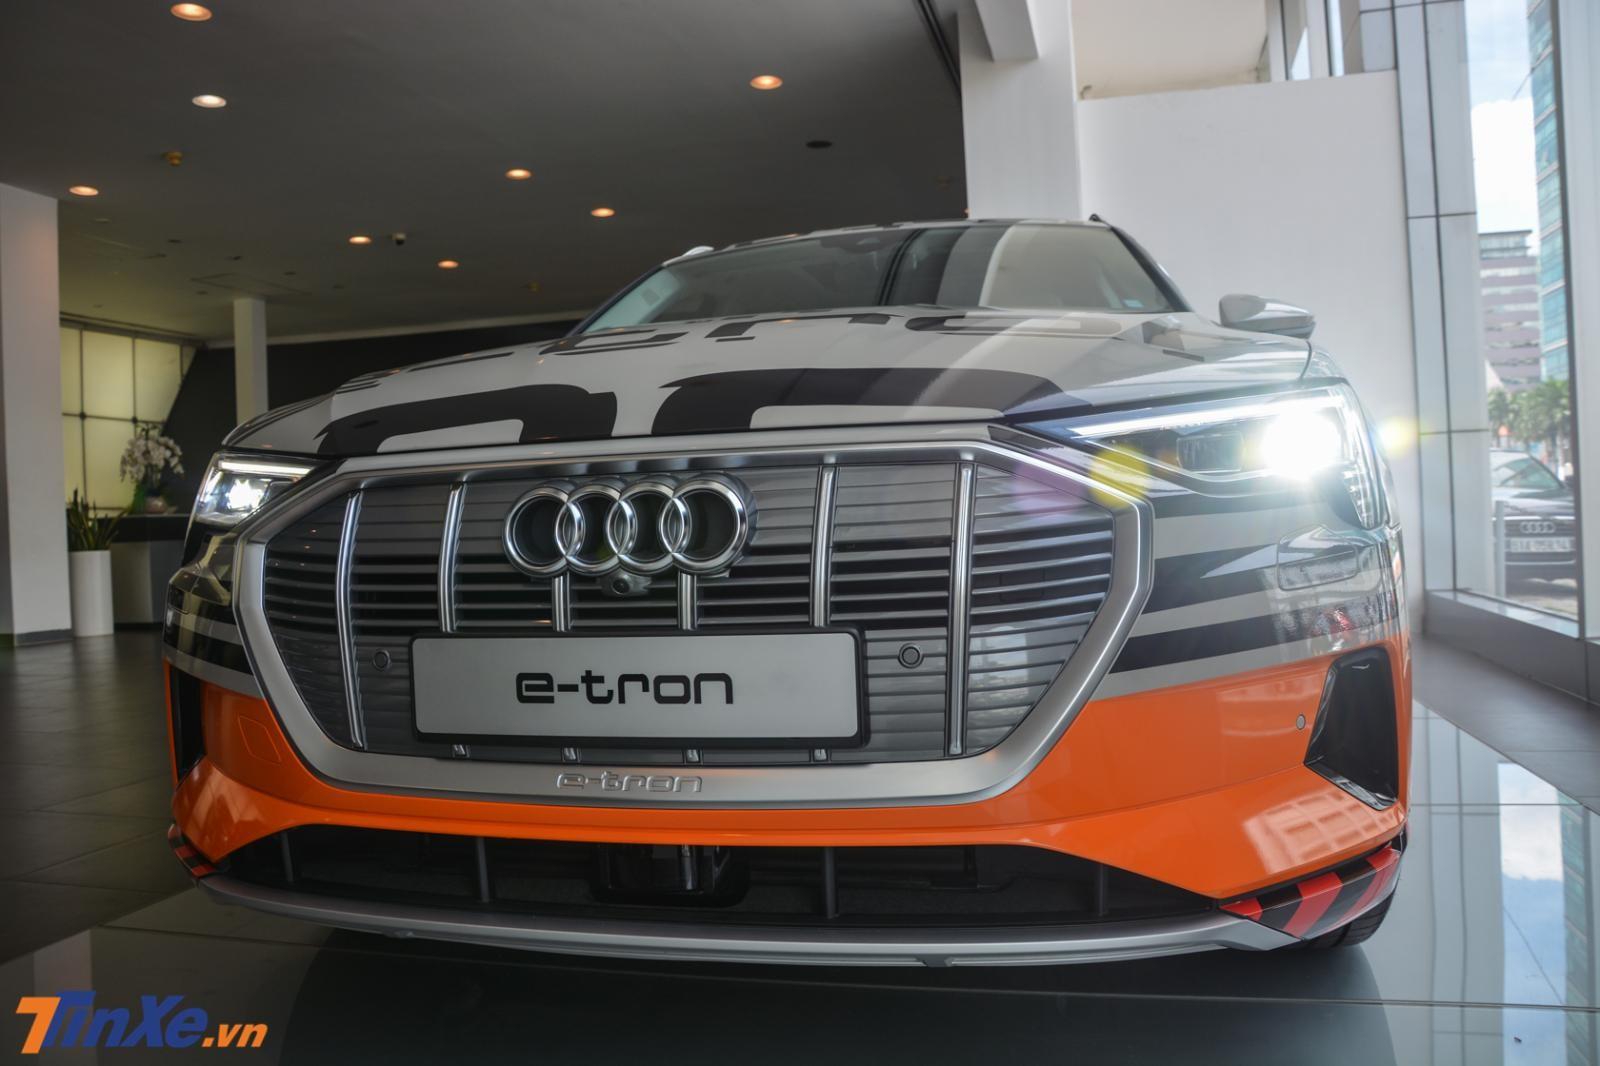 Audi e-tron đã có mặt tại Việt Nam sau hơn nửa năm ra mắt tại Singapore